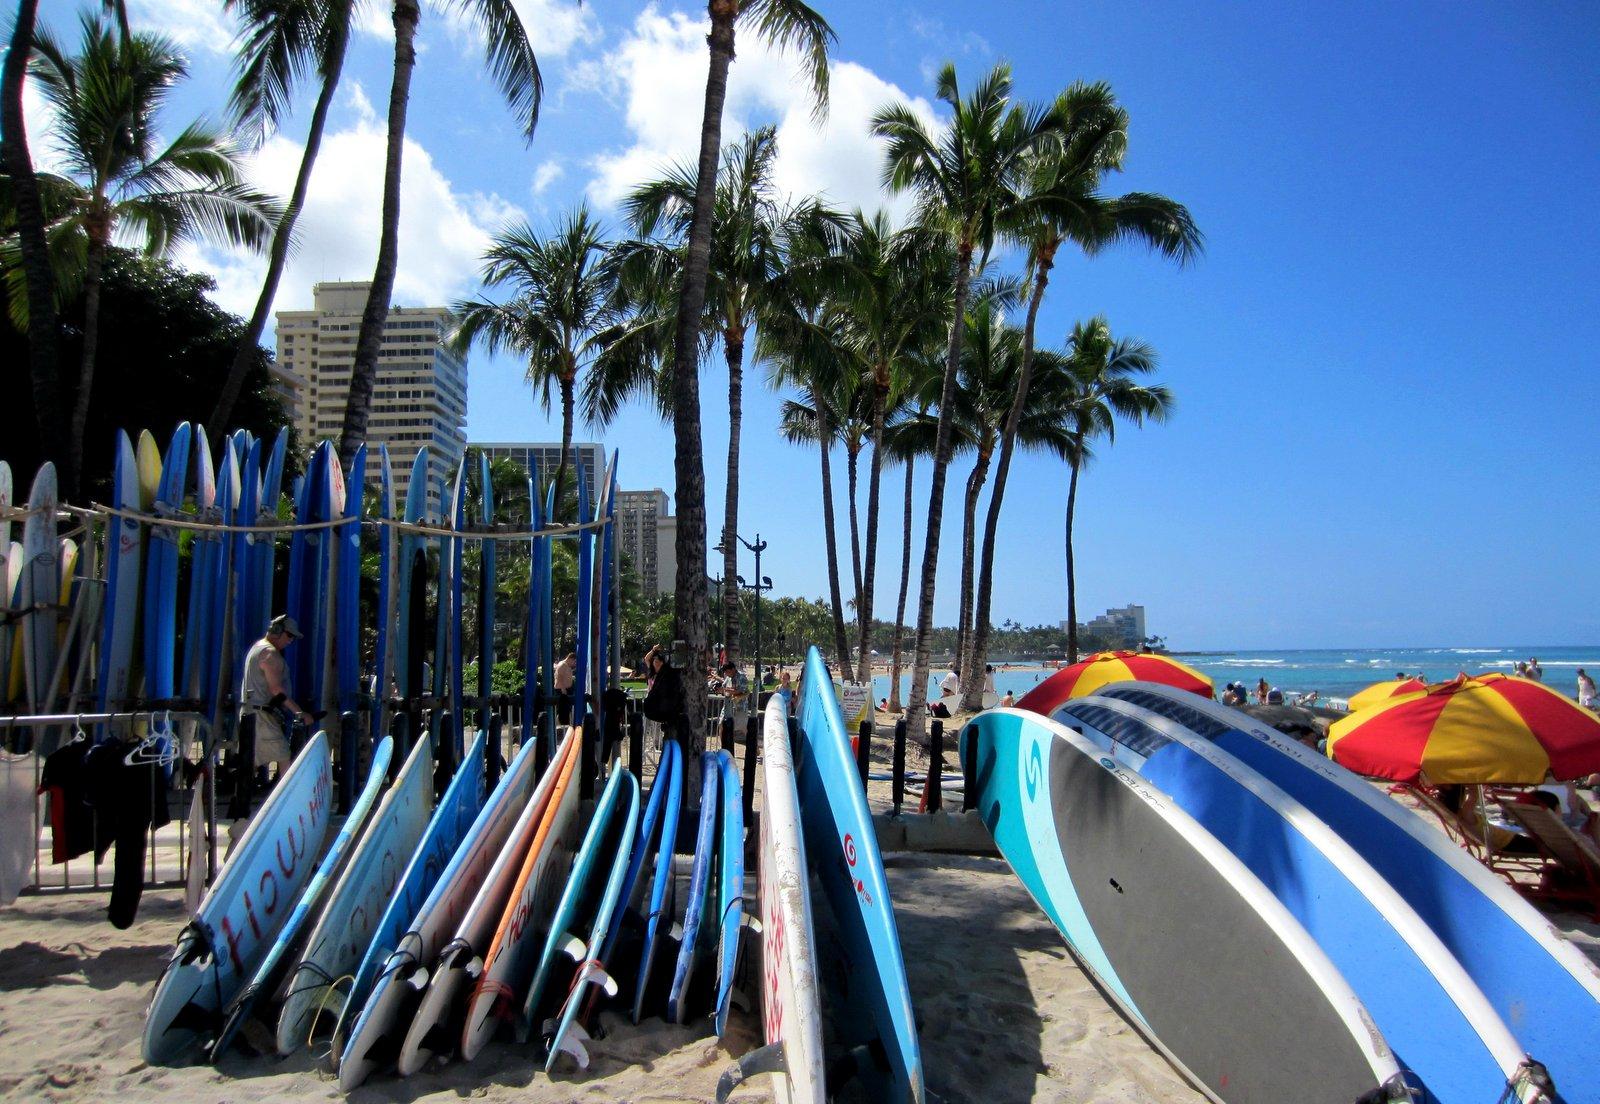 Surfboards am Strand von Waikiki